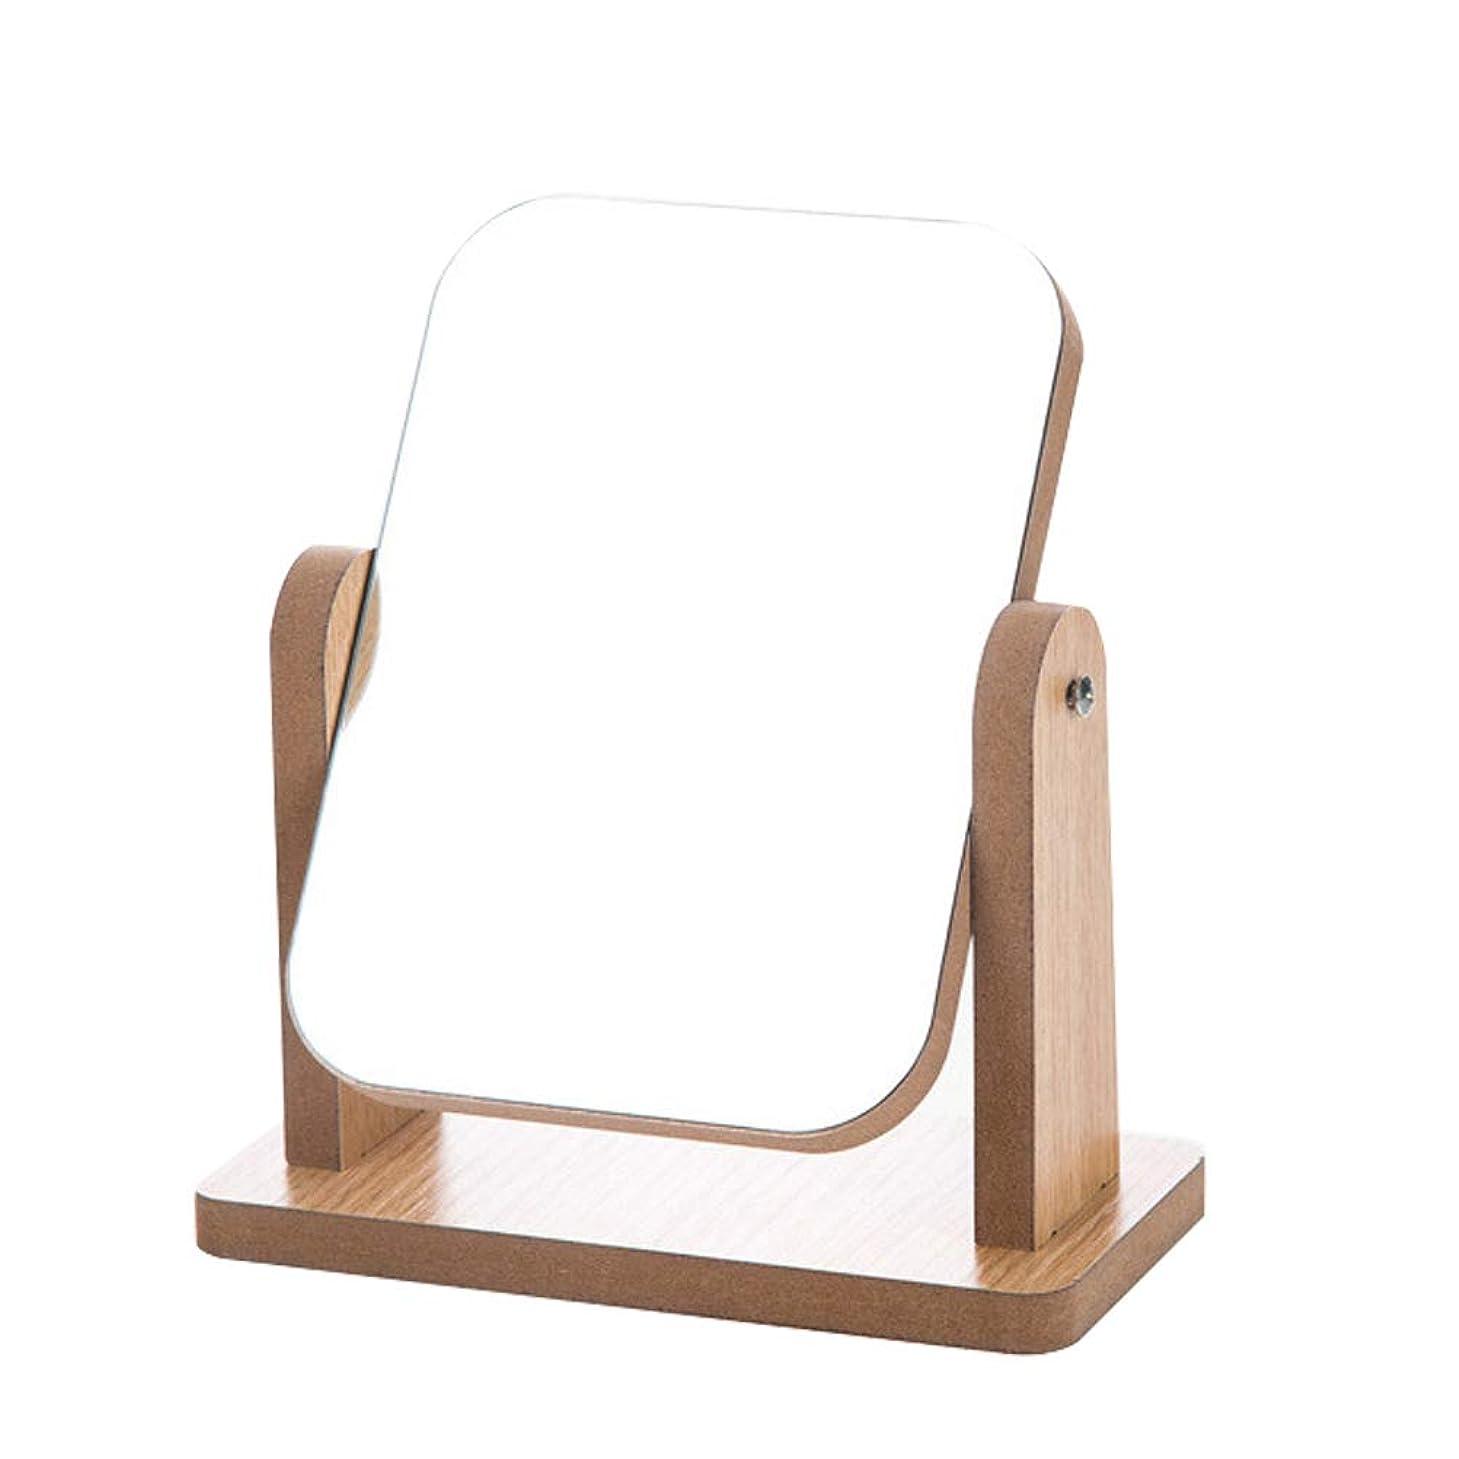 医薬うま磁石Lurrose 卓上化粧台ミラー長方形折りたたみ木製デスクトップミラー寝室の装飾化粧品ミラー(サイズL)